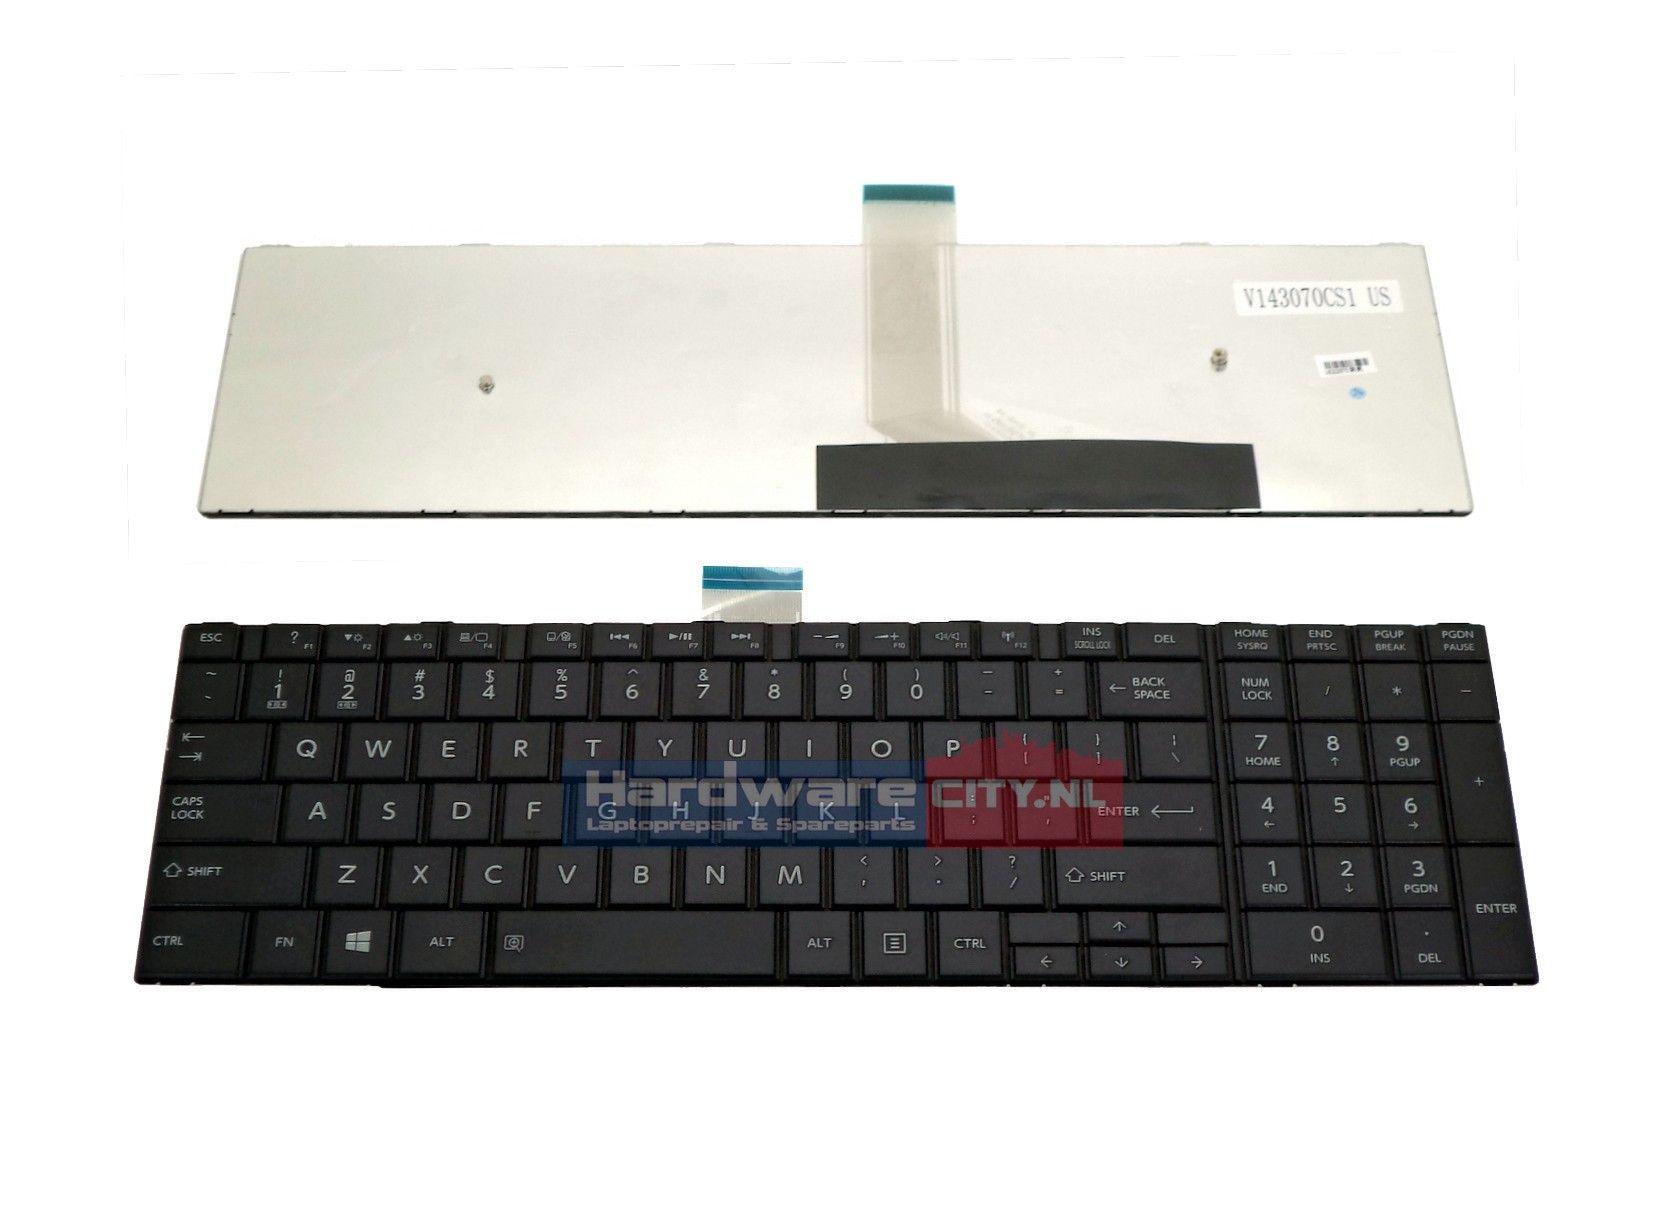 Toshiba Satellite C50 series US keyboard